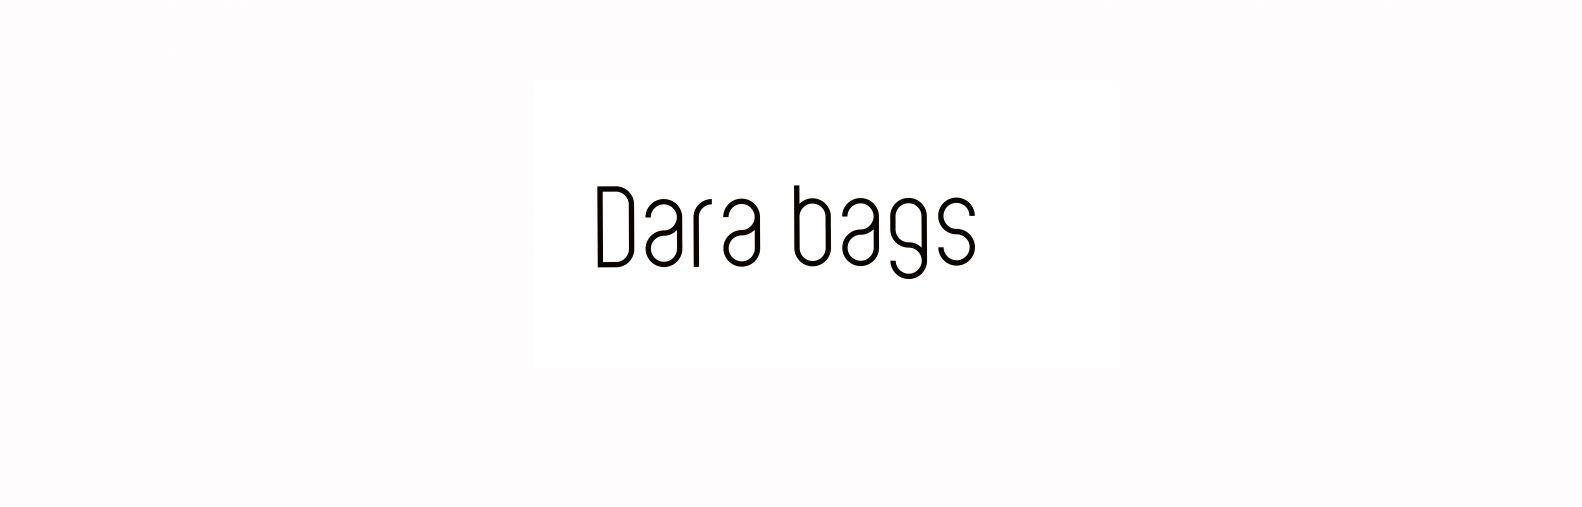 Darabags